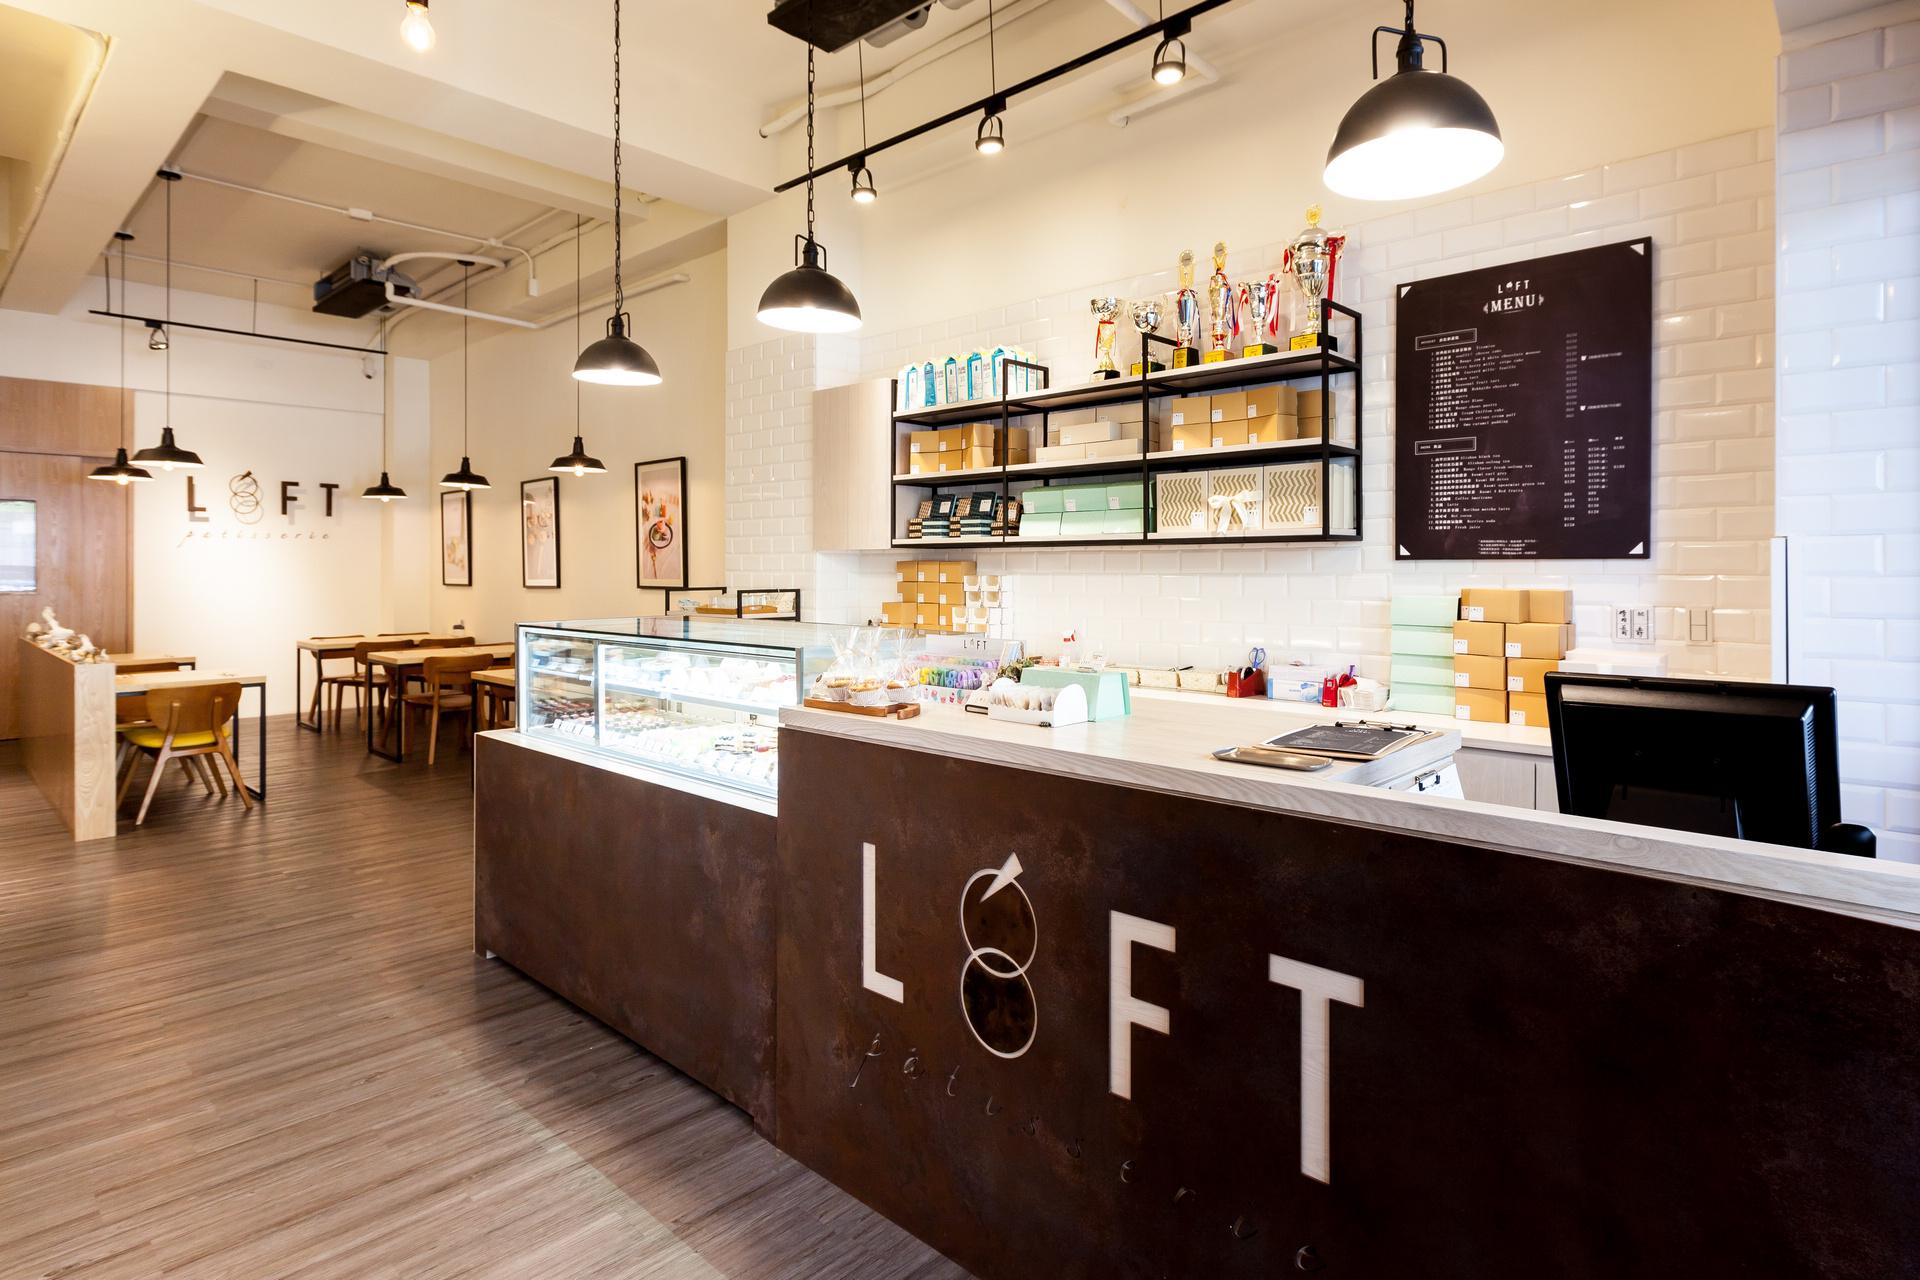 高雄,食尚玩家,甜點店,甜點店設計,工業風,法式甜點,餐廳設計,巧克力,蘿芙甜點,LOFT